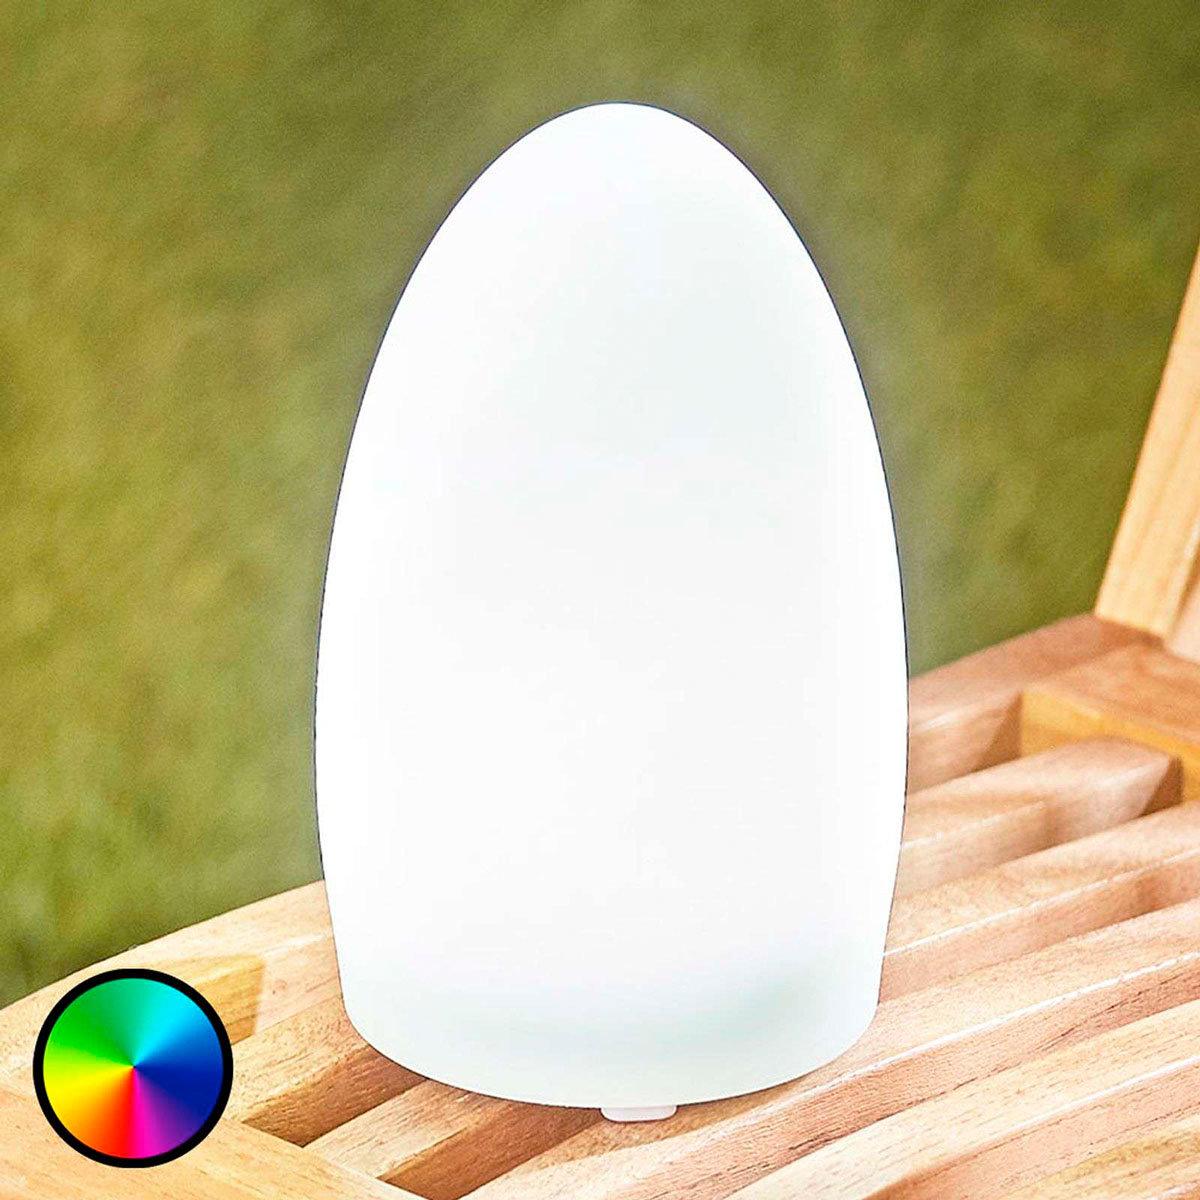 LED Dekoleuchte Solay, USB, RGB-Farbwechsel   #2